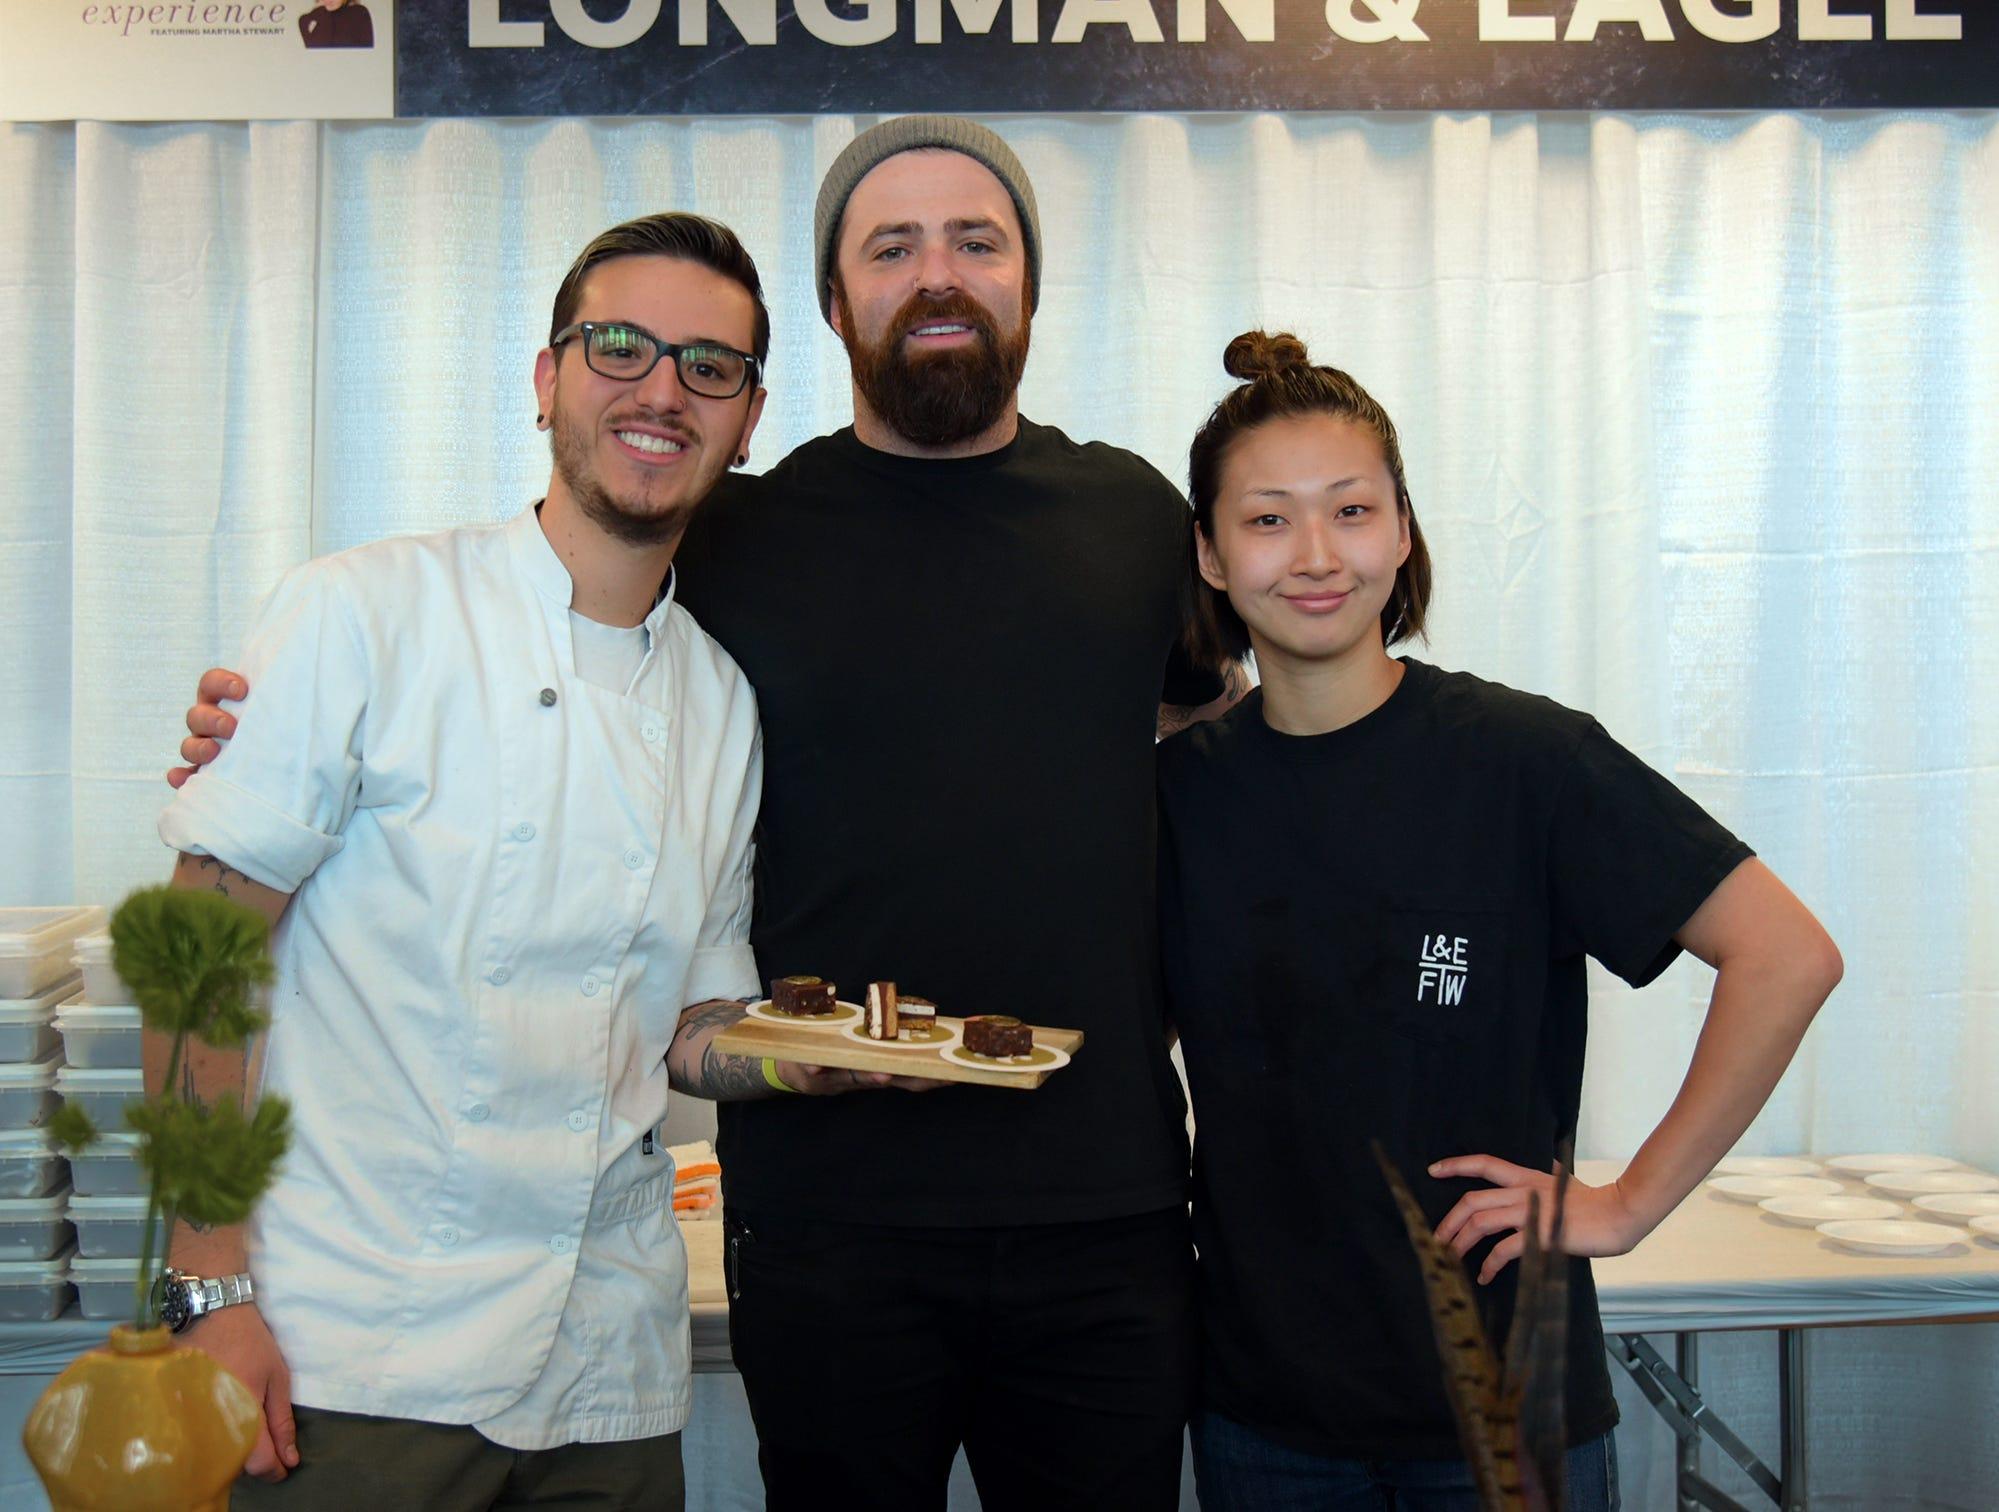 Participating restaurant Longman & Eagle.